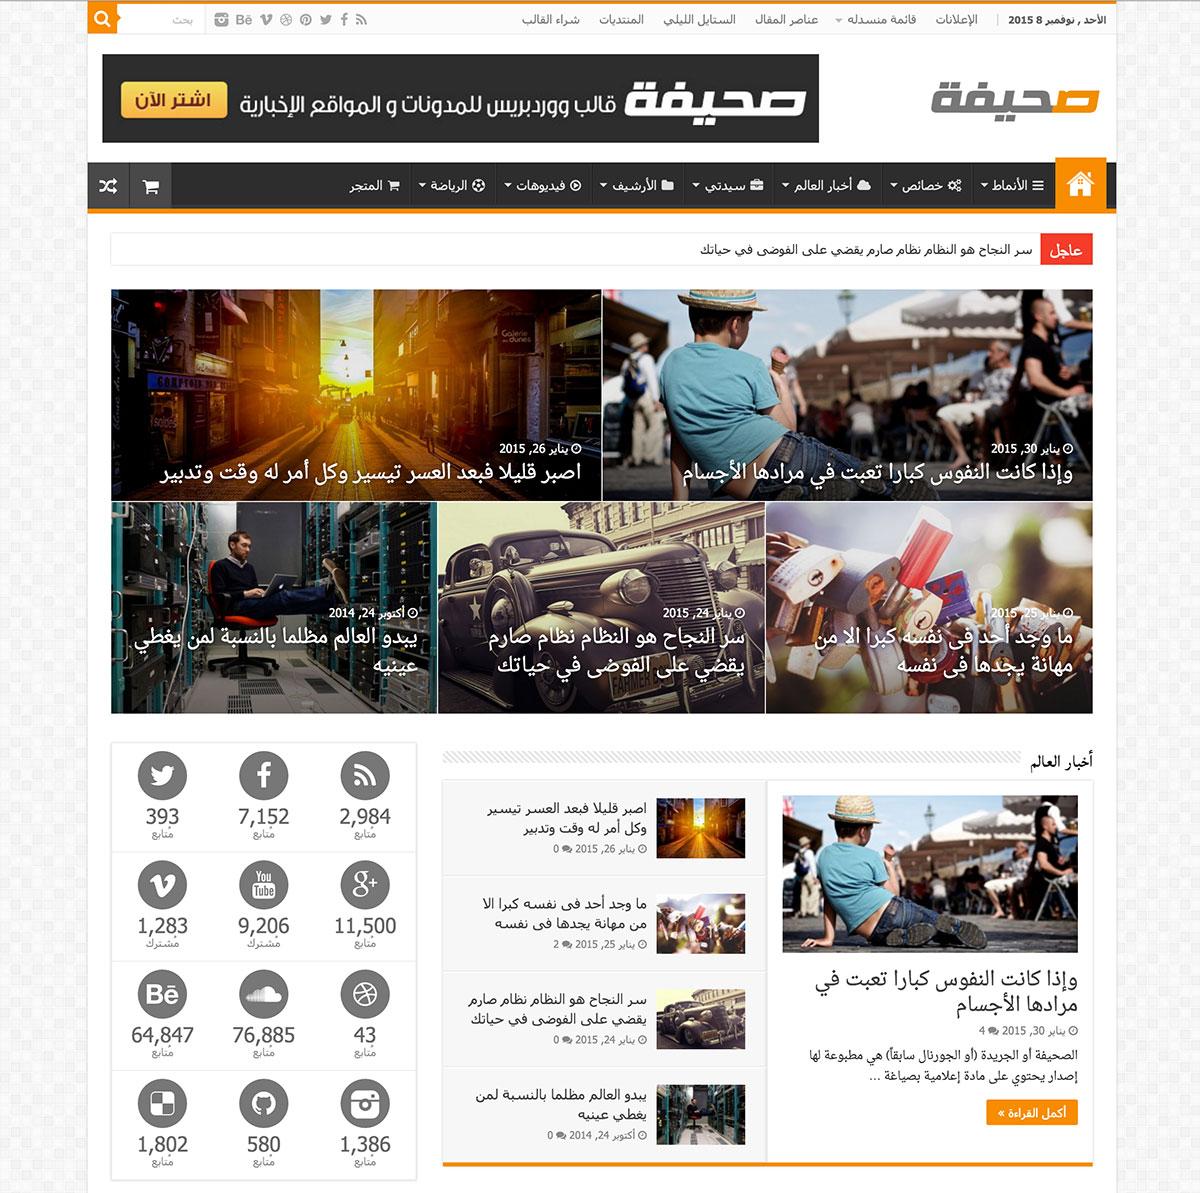 قالب صحيفة الإخباري لوردبريس نجاح عالمي بأيدي عربية